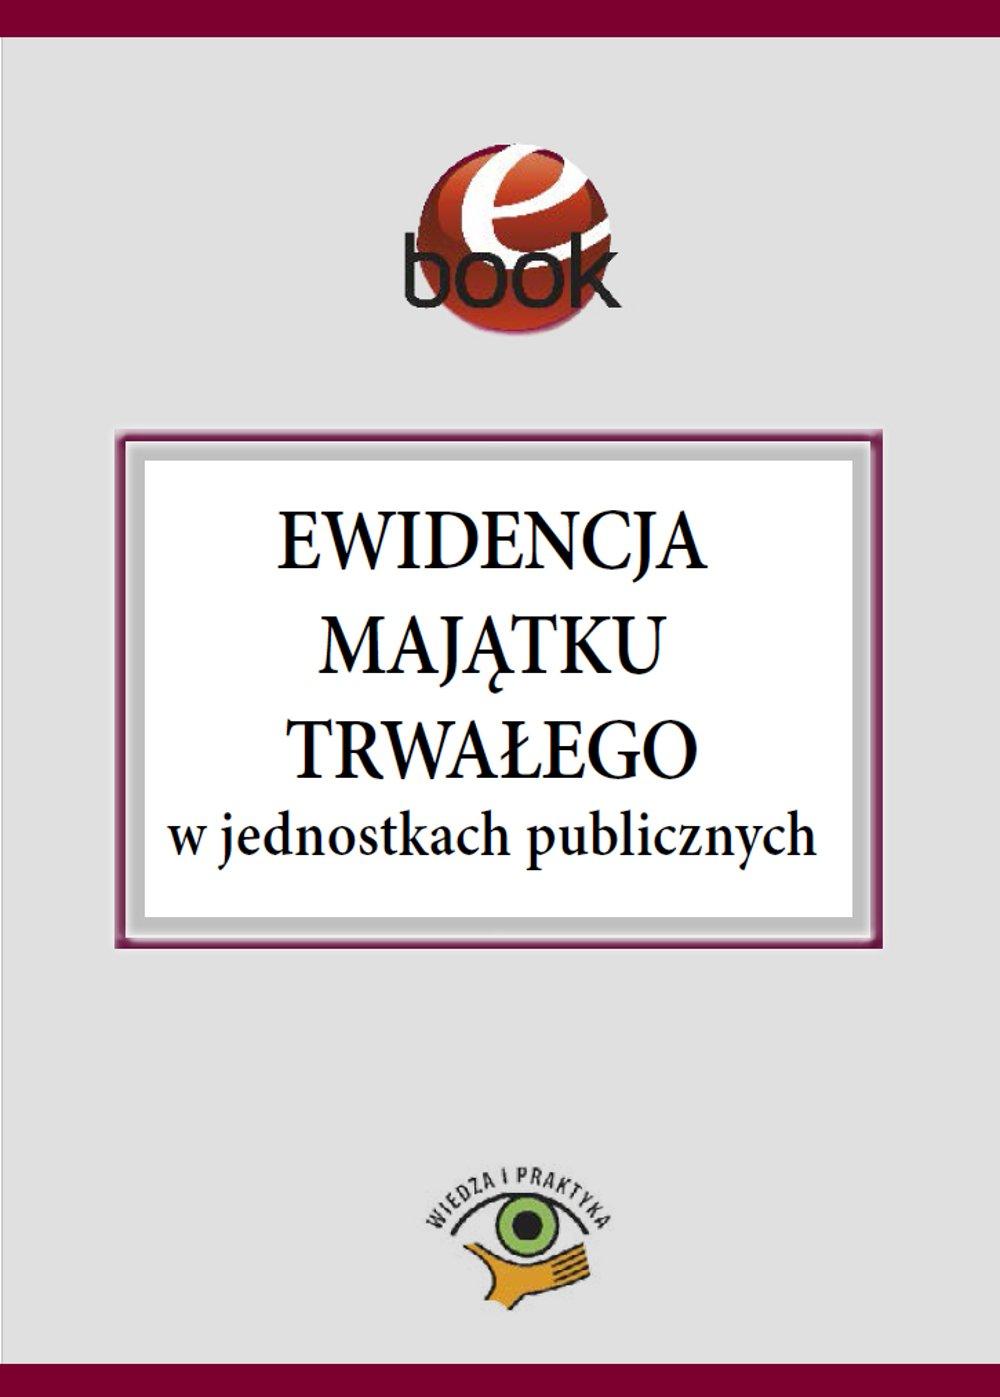 Ewidencja majątku trwałego w jednostkach publicznych - Ebook (Książka PDF) do pobrania w formacie PDF